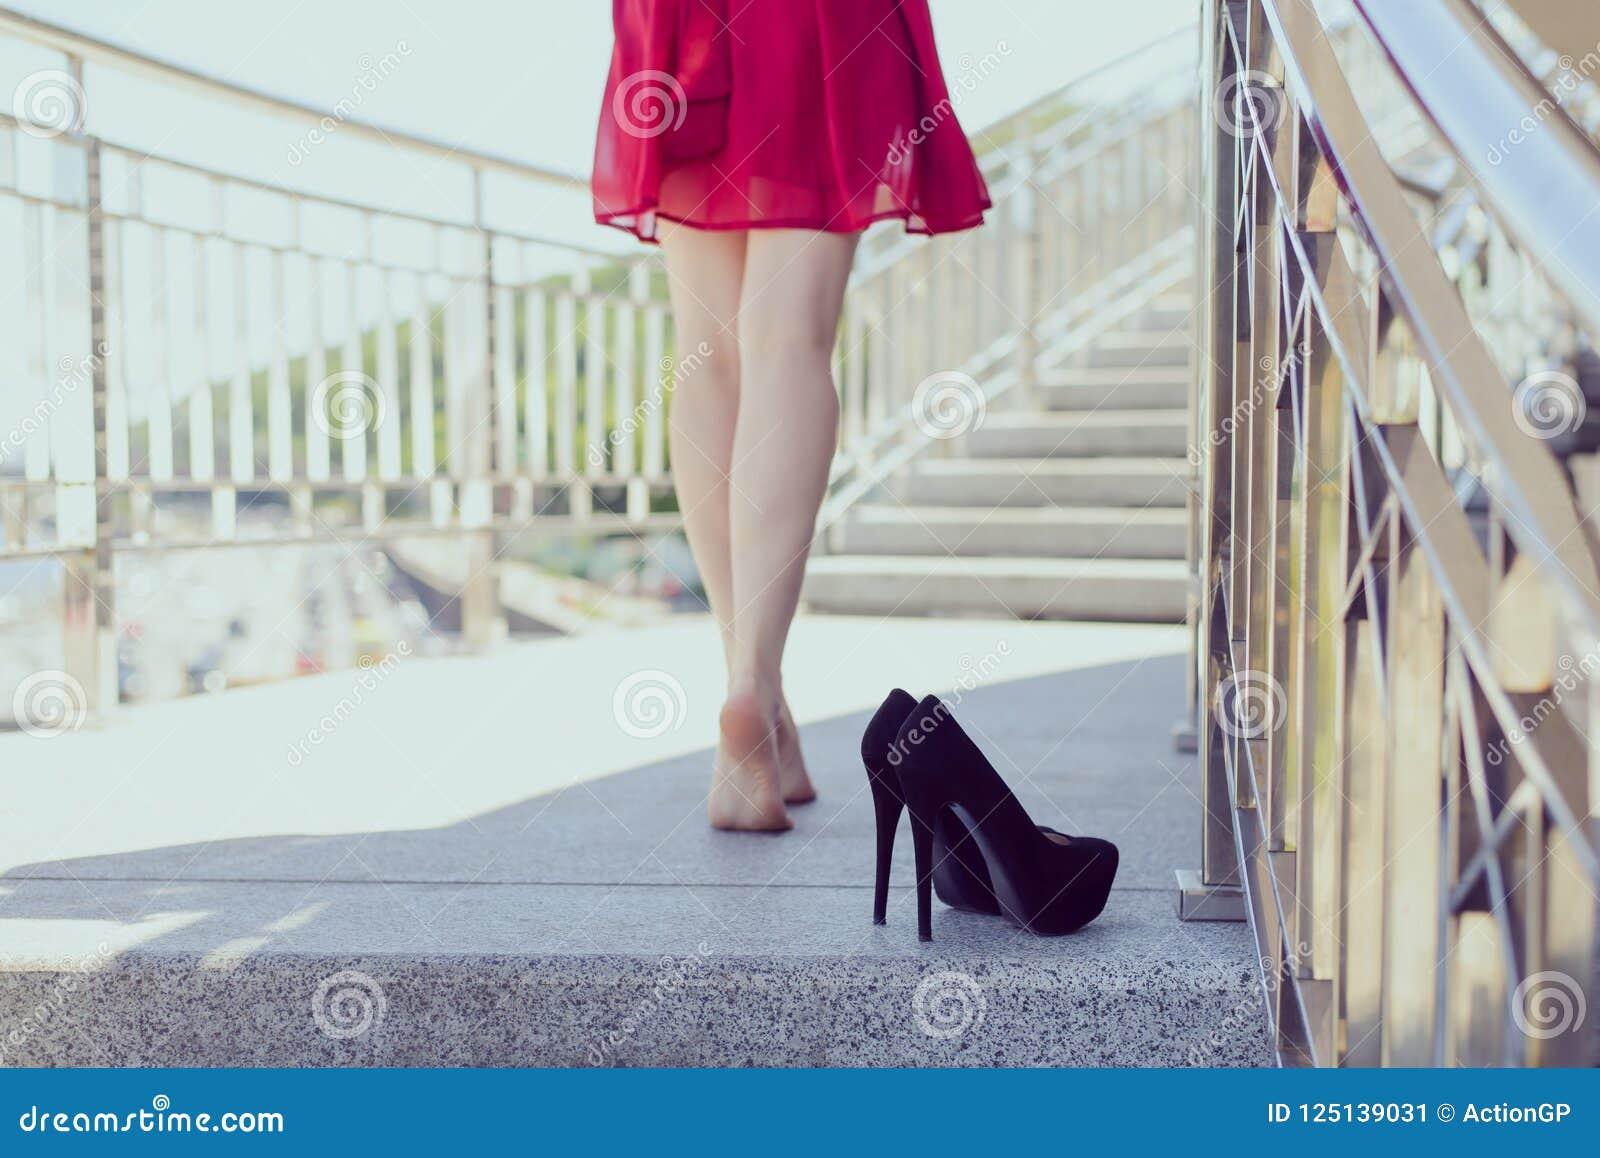 Arrière derrière la fin de dos vers le haut de la photo du concept séduisant de jambes tentation sexuelle mince sexy d ajustement